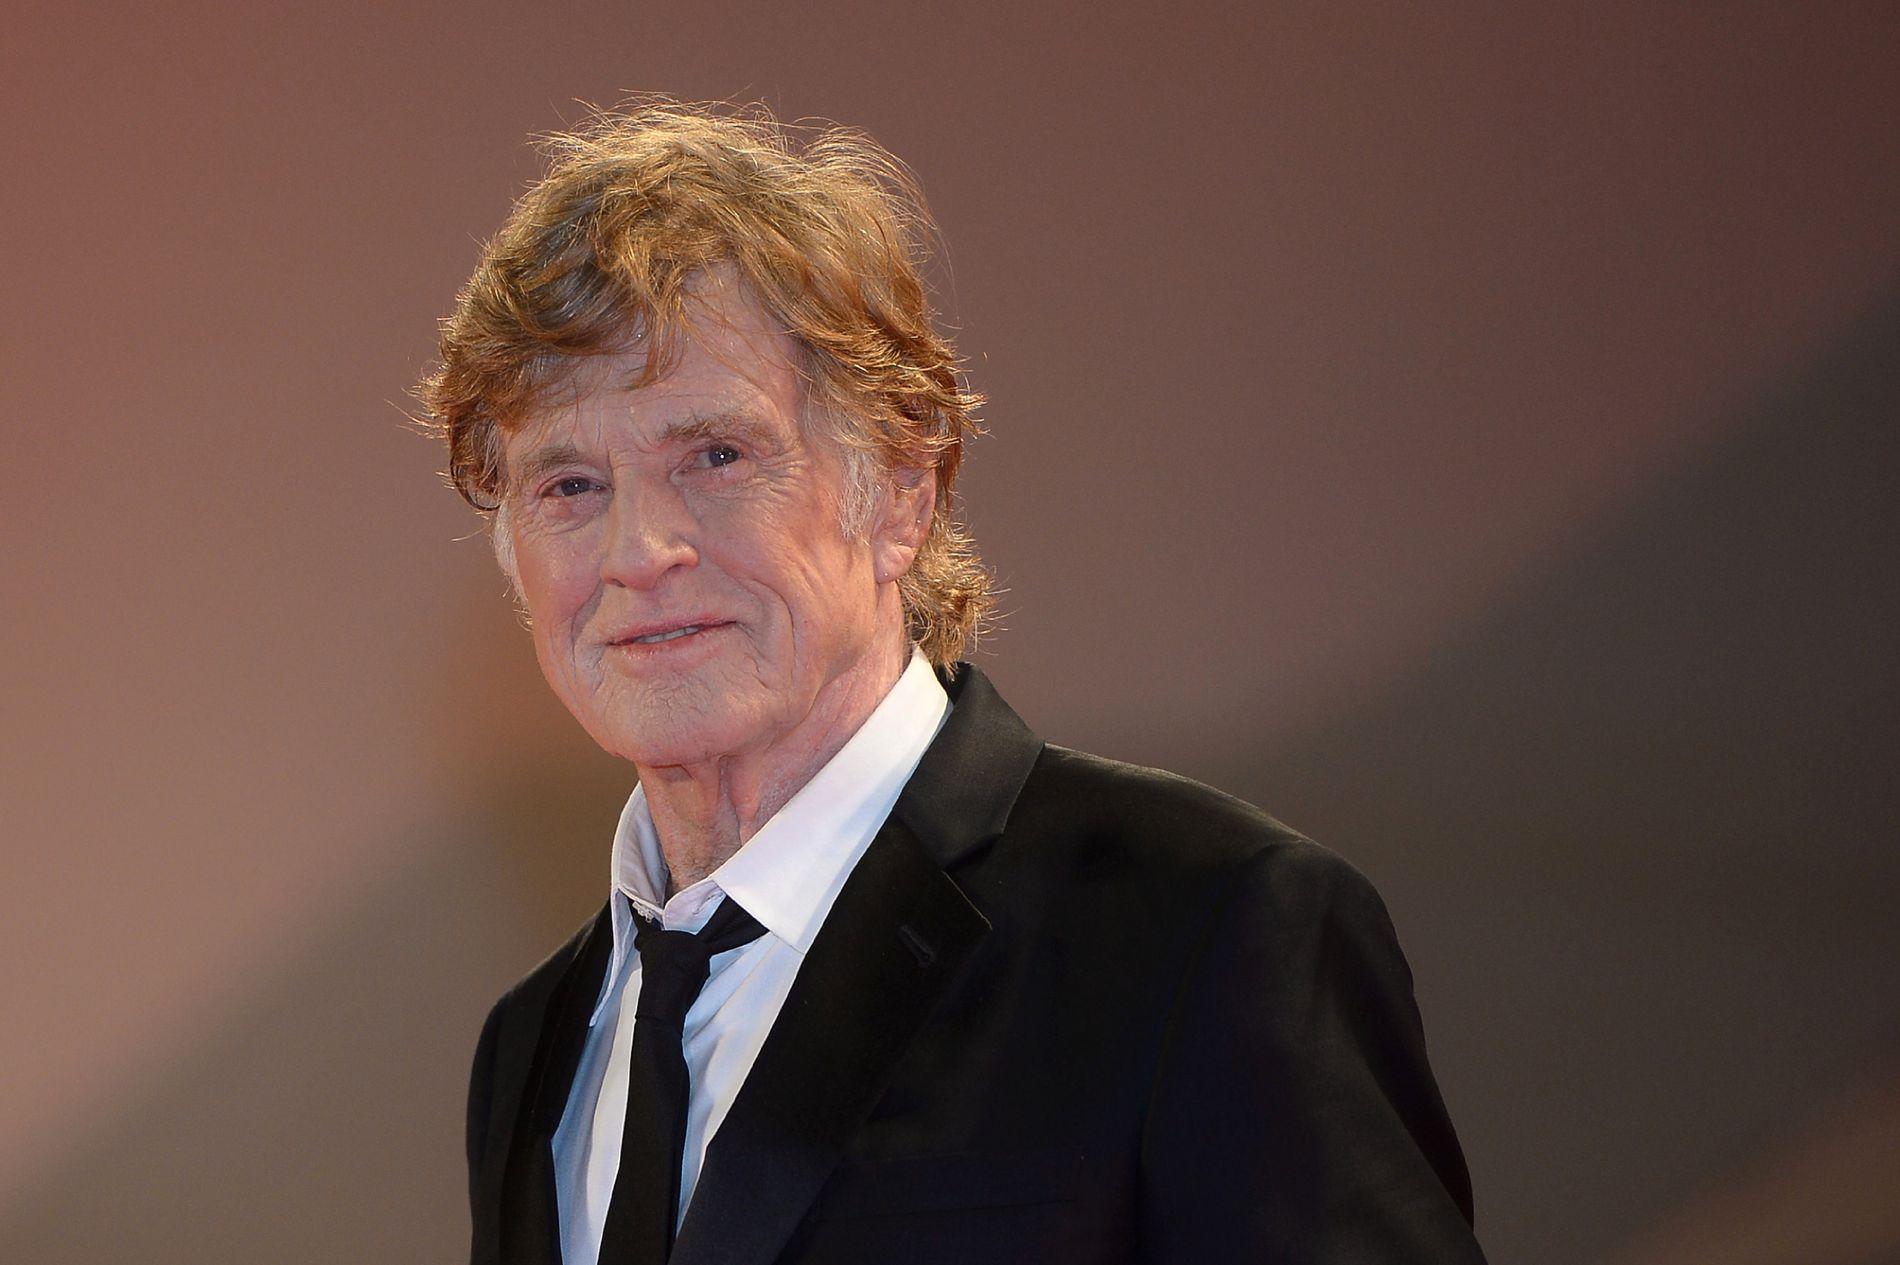 LANG KARRIERE: Redford begynte som skuespiller på slutten av 50-tallet. Her er han avbildet på filmfestivalen i Venezia i 2017.